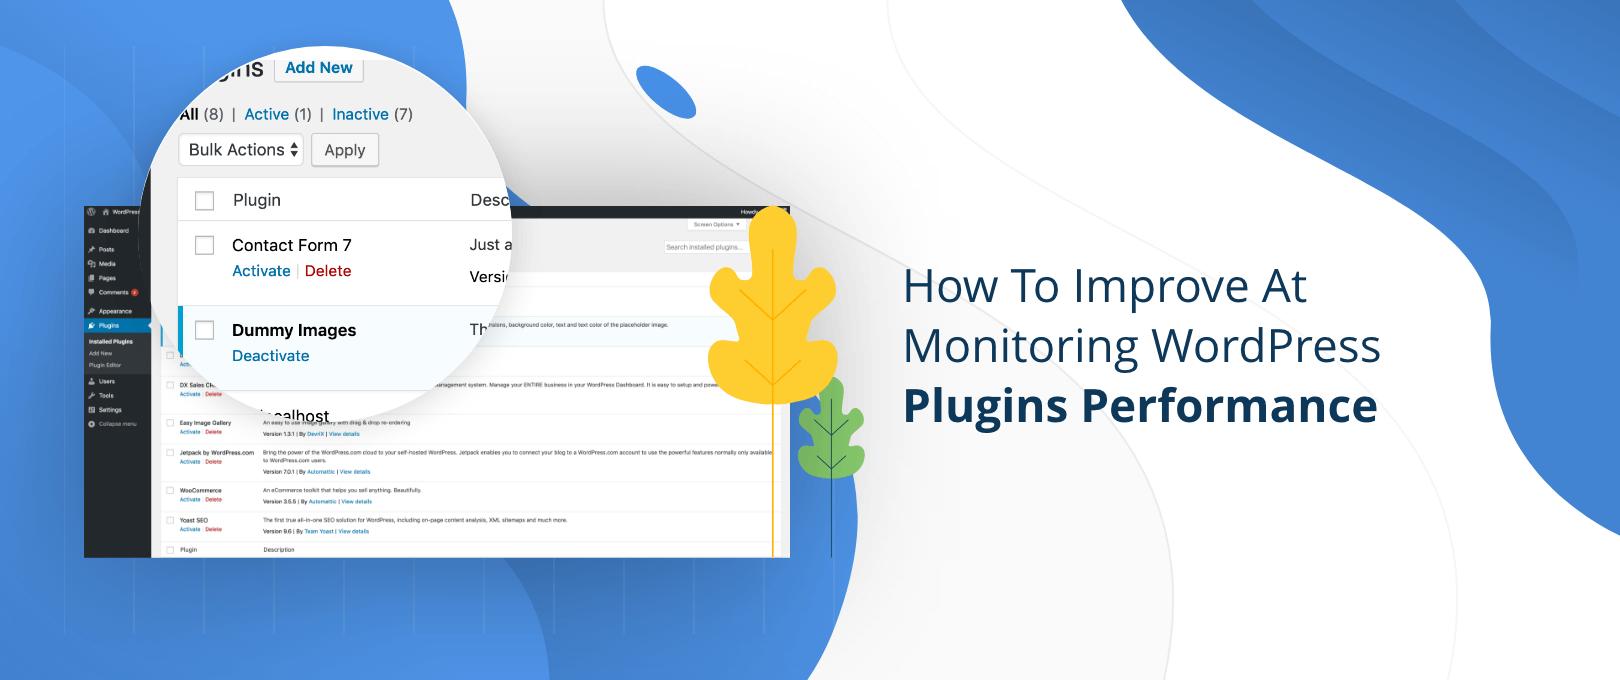 Monitoring WordPress Plugins Performance